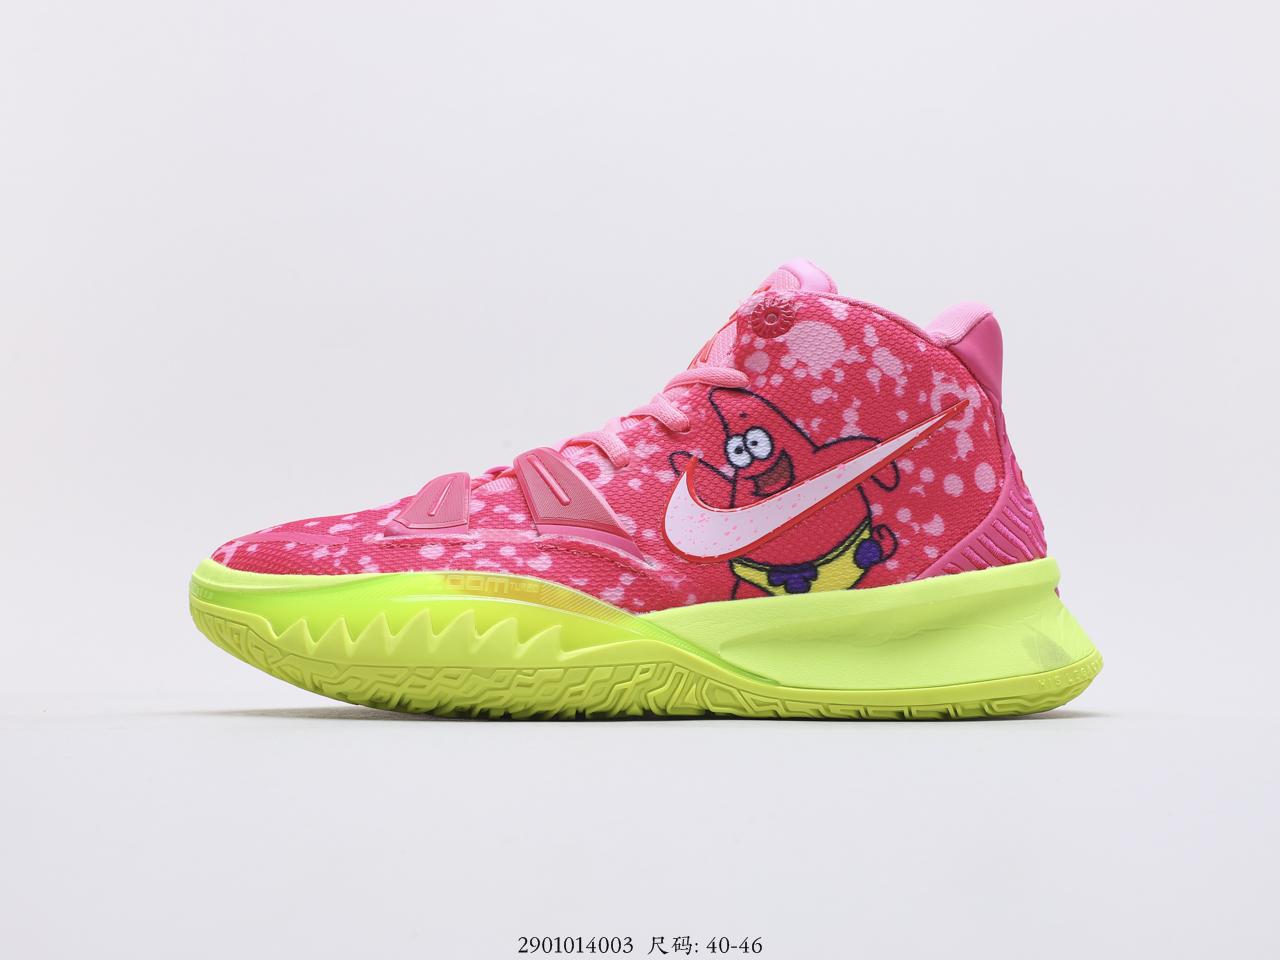 耐克Nike Kyrie 7 Pre Heat 欧文7时尚休闲运动篮球鞋搭载Air Zoom Turbo气垫